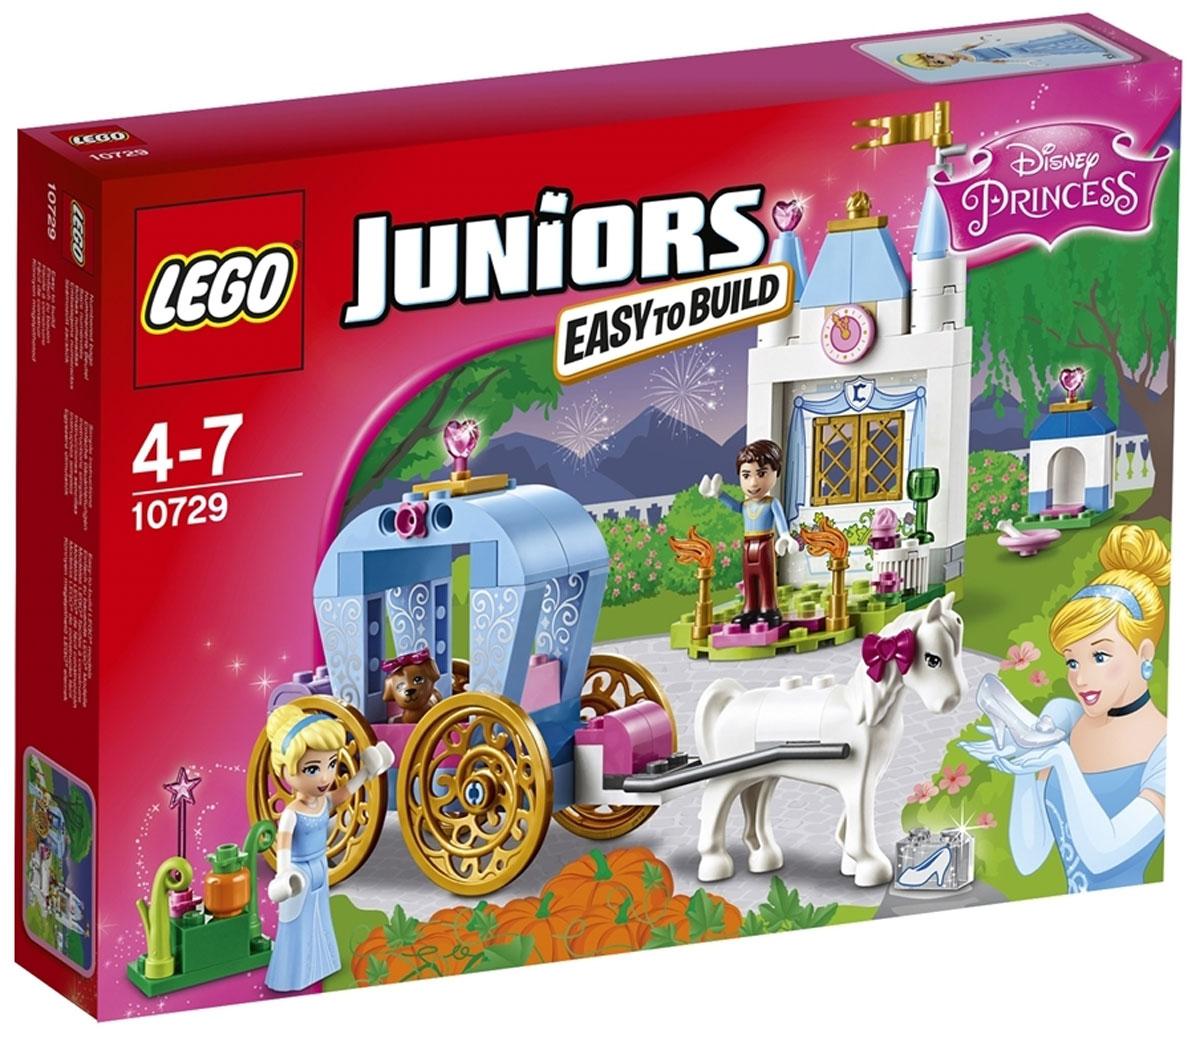 LEGO Juniors Конструктор Карета Золушки 1072910729Присоединись к Золушке в её захватывающей поездке в заколдованной карете! Встреть Прекрасного принца, поиграй с милым щенком Золушки и помоги ей подготовиться к балу. А потом поспеши домой, прежде чем магия исчезнет! Стань частью классической сказки! Конструктор LEGO Juniors Карета Золушки включает в себя 116 разноцветных пластиковых элементов с двумя фигурками. Конструктор - это один из самых увлекательных и веселых способов времяпрепровождения. Ребенок сможет часами играть с конструктором, придумывая различные ситуации и истории.